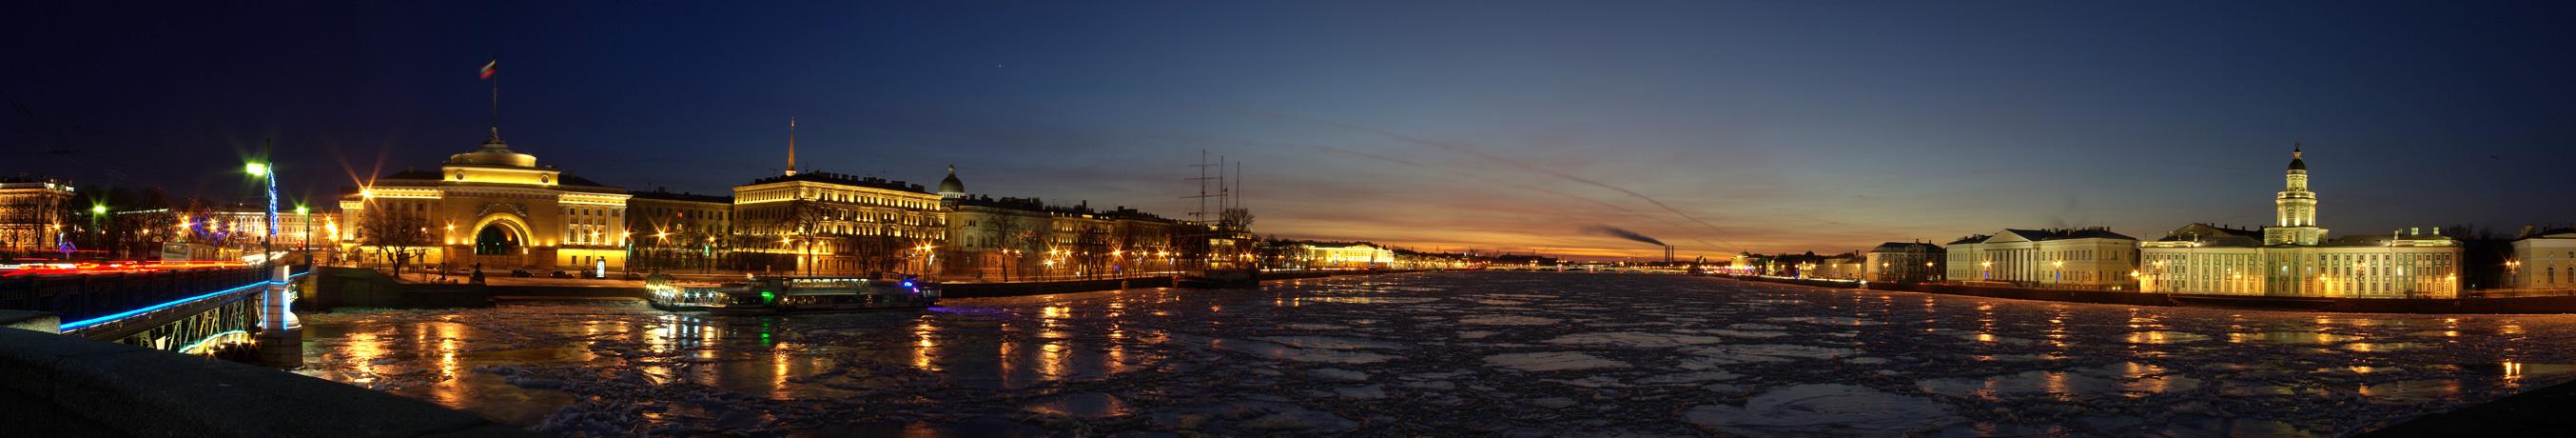 Красивые и необычные панорамные фотографии Санкт-Петербурга 11